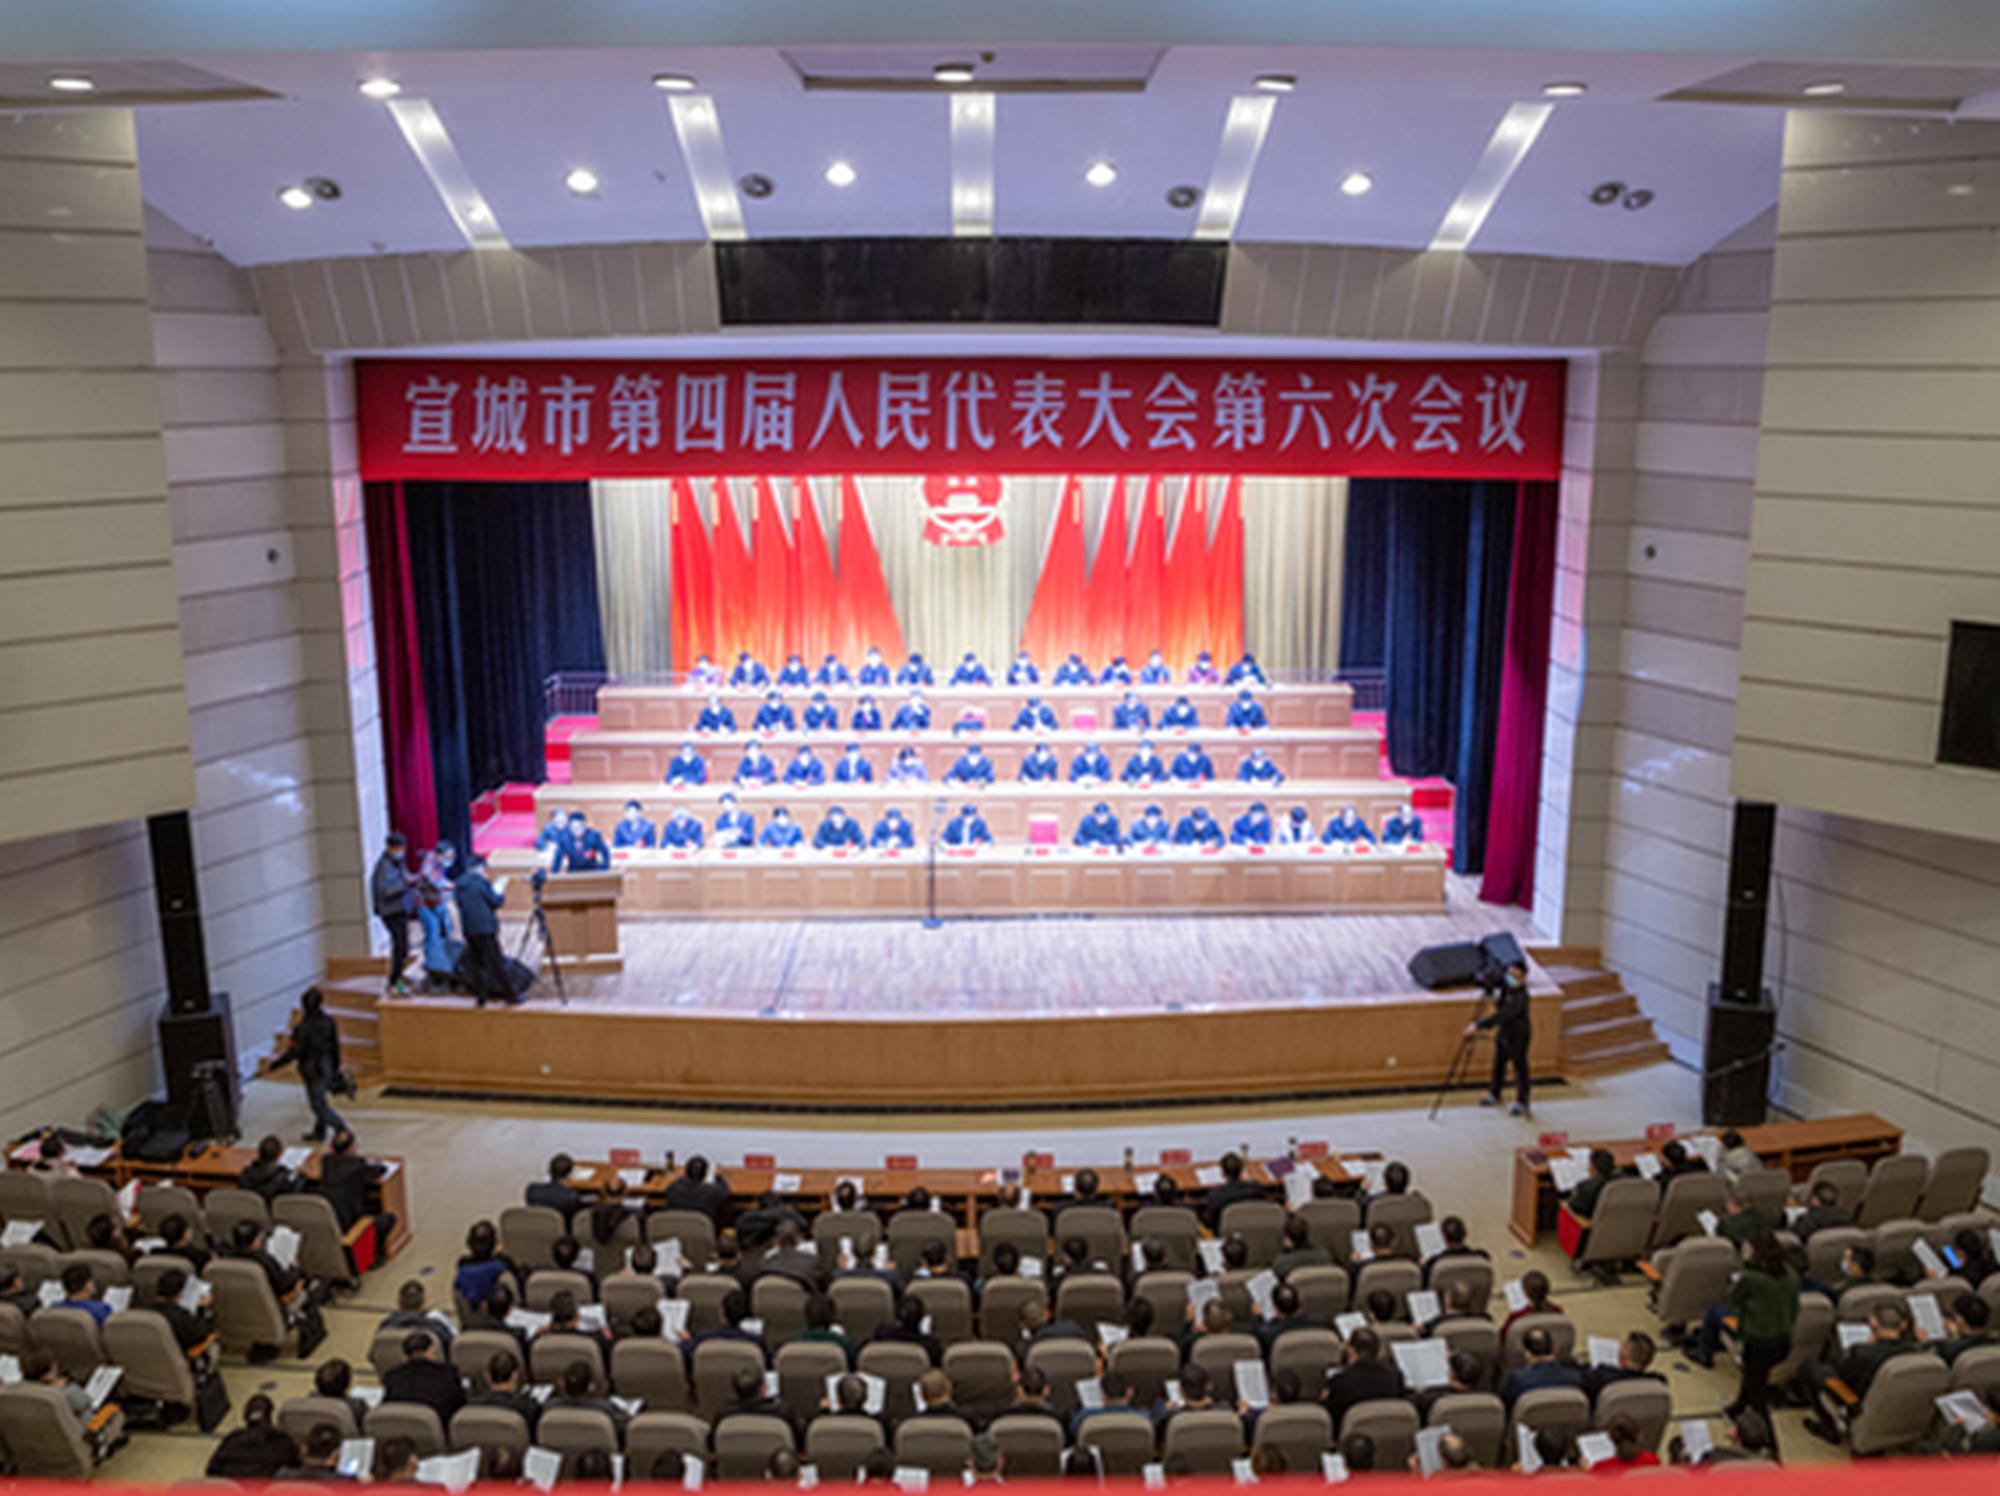 http://ah.sina.com.cn/news/2021-01-26/detail-ikftssap0941725.shtml